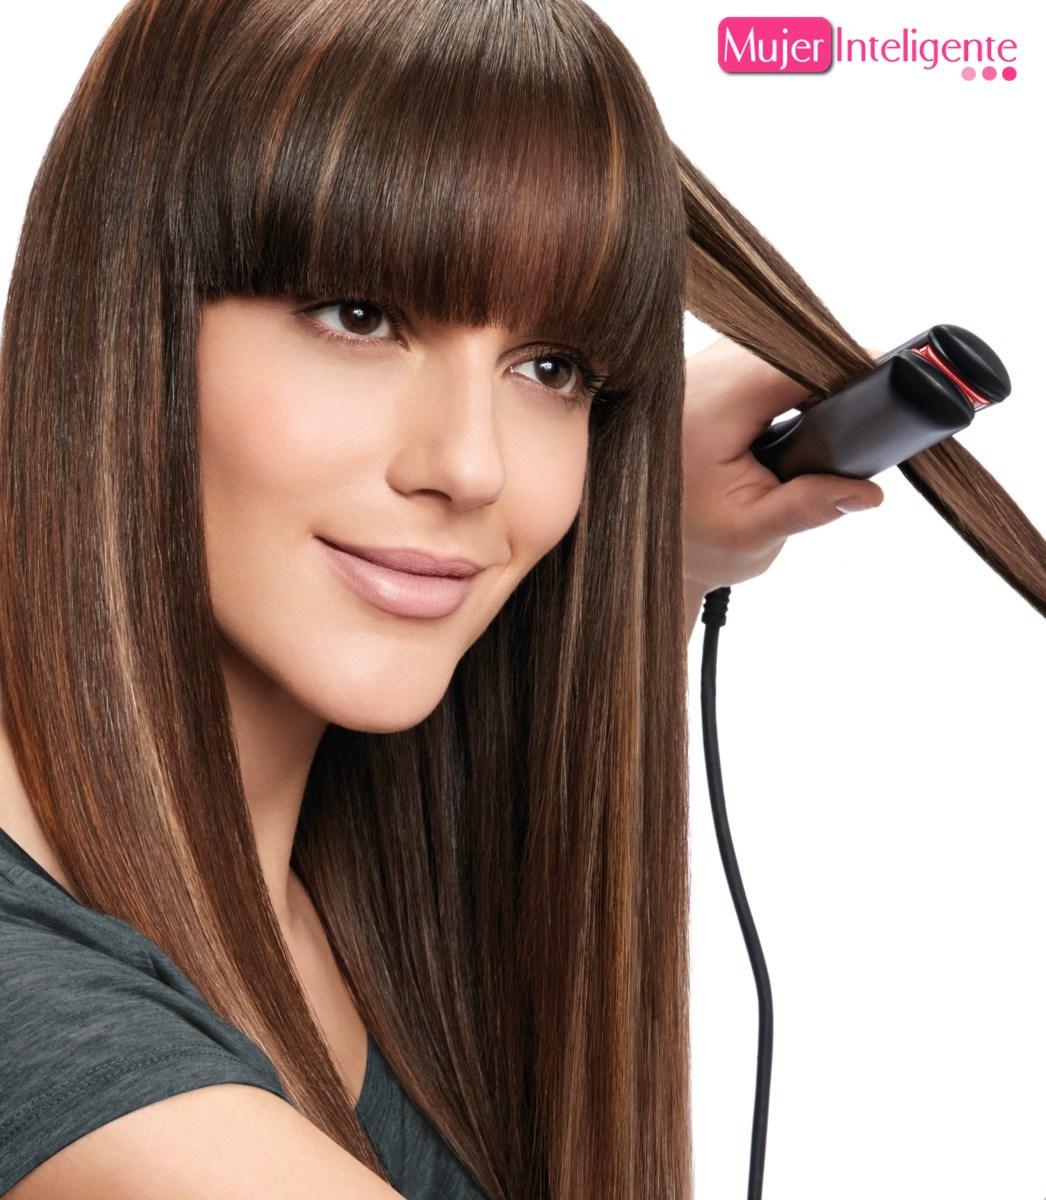 Trucos para alisar el cabello con planchas de pelo